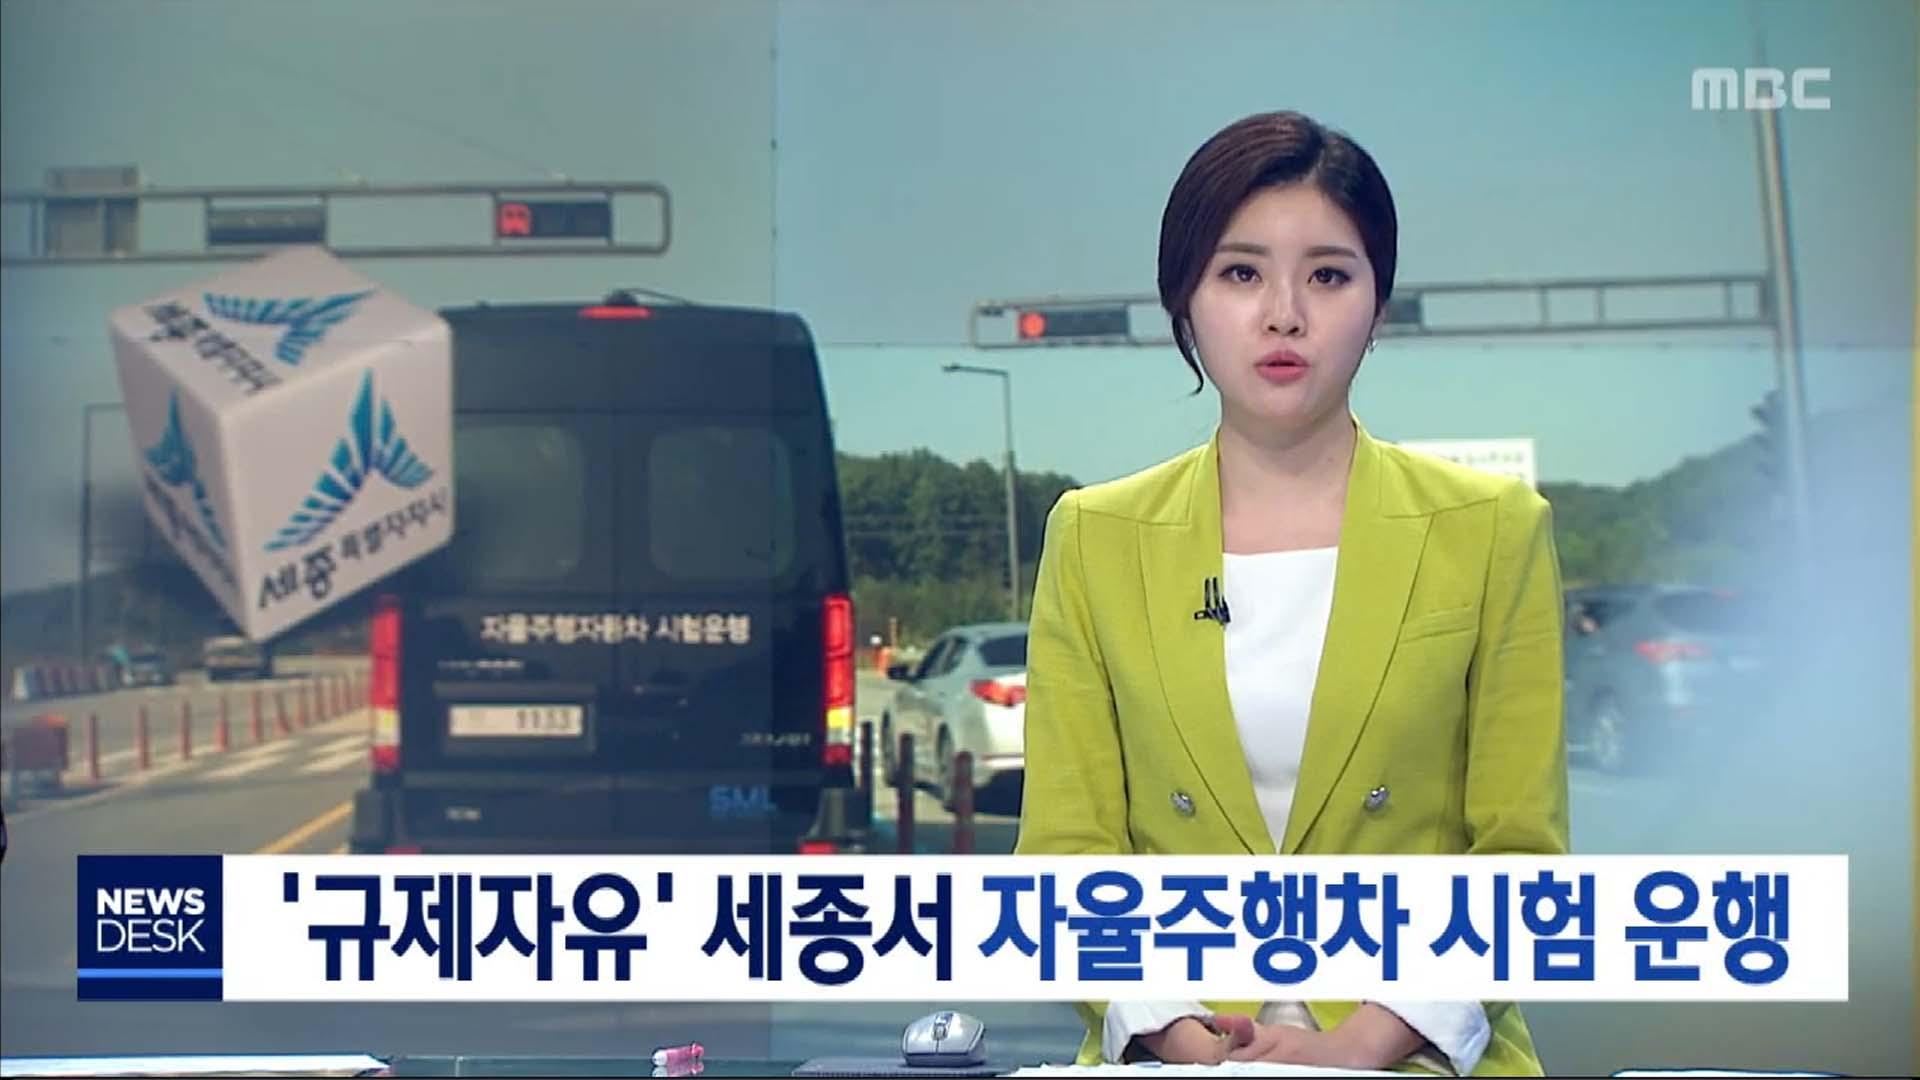 [대전MBC] 규제자유 세종서 자율주행차 시험 운행